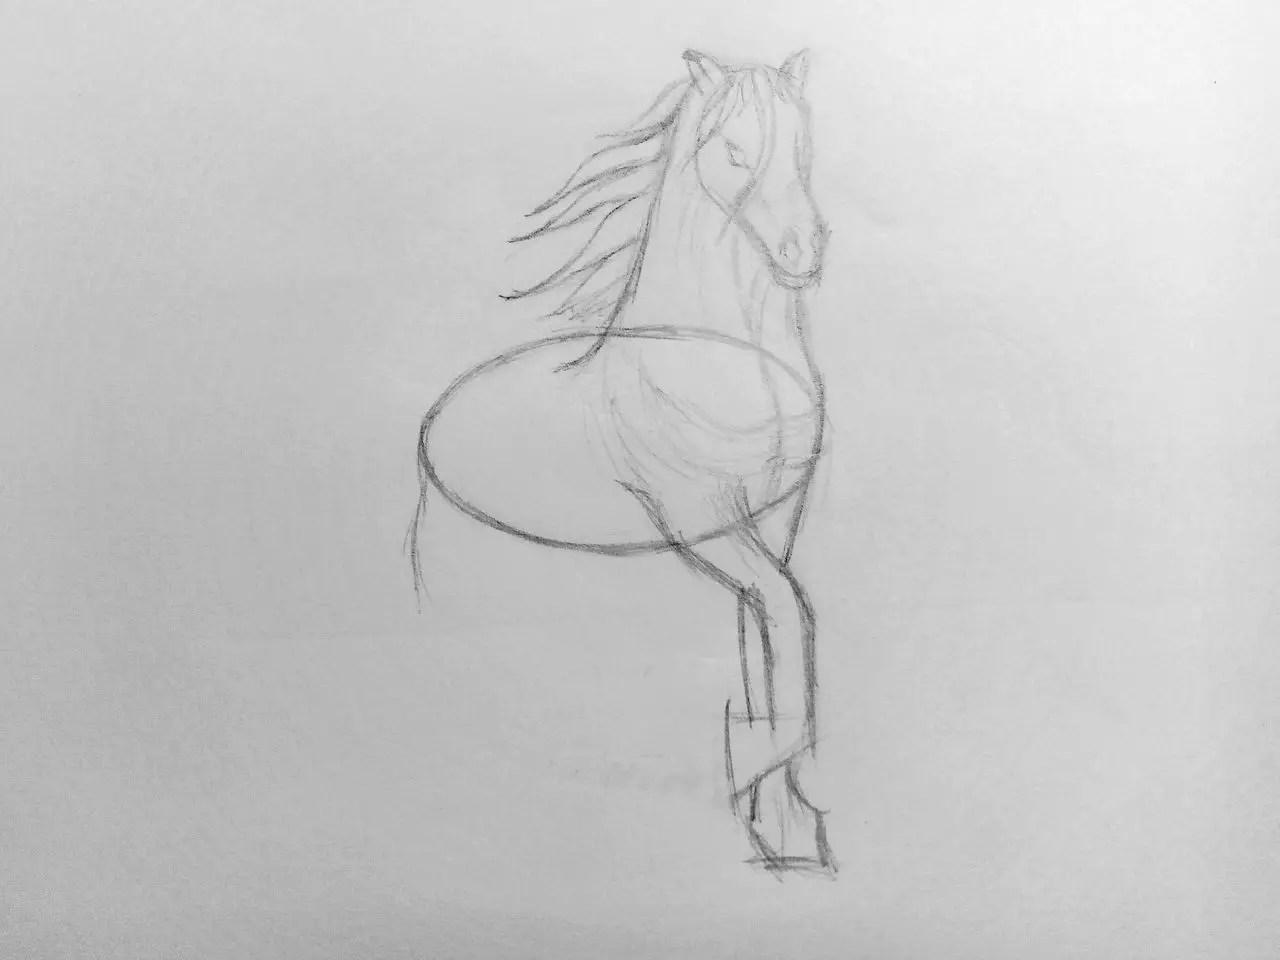 Как нарисовать лошадь карандашом? Поэтапный урок. Шаг 10. Портреты карандашом - Fenlin.ru